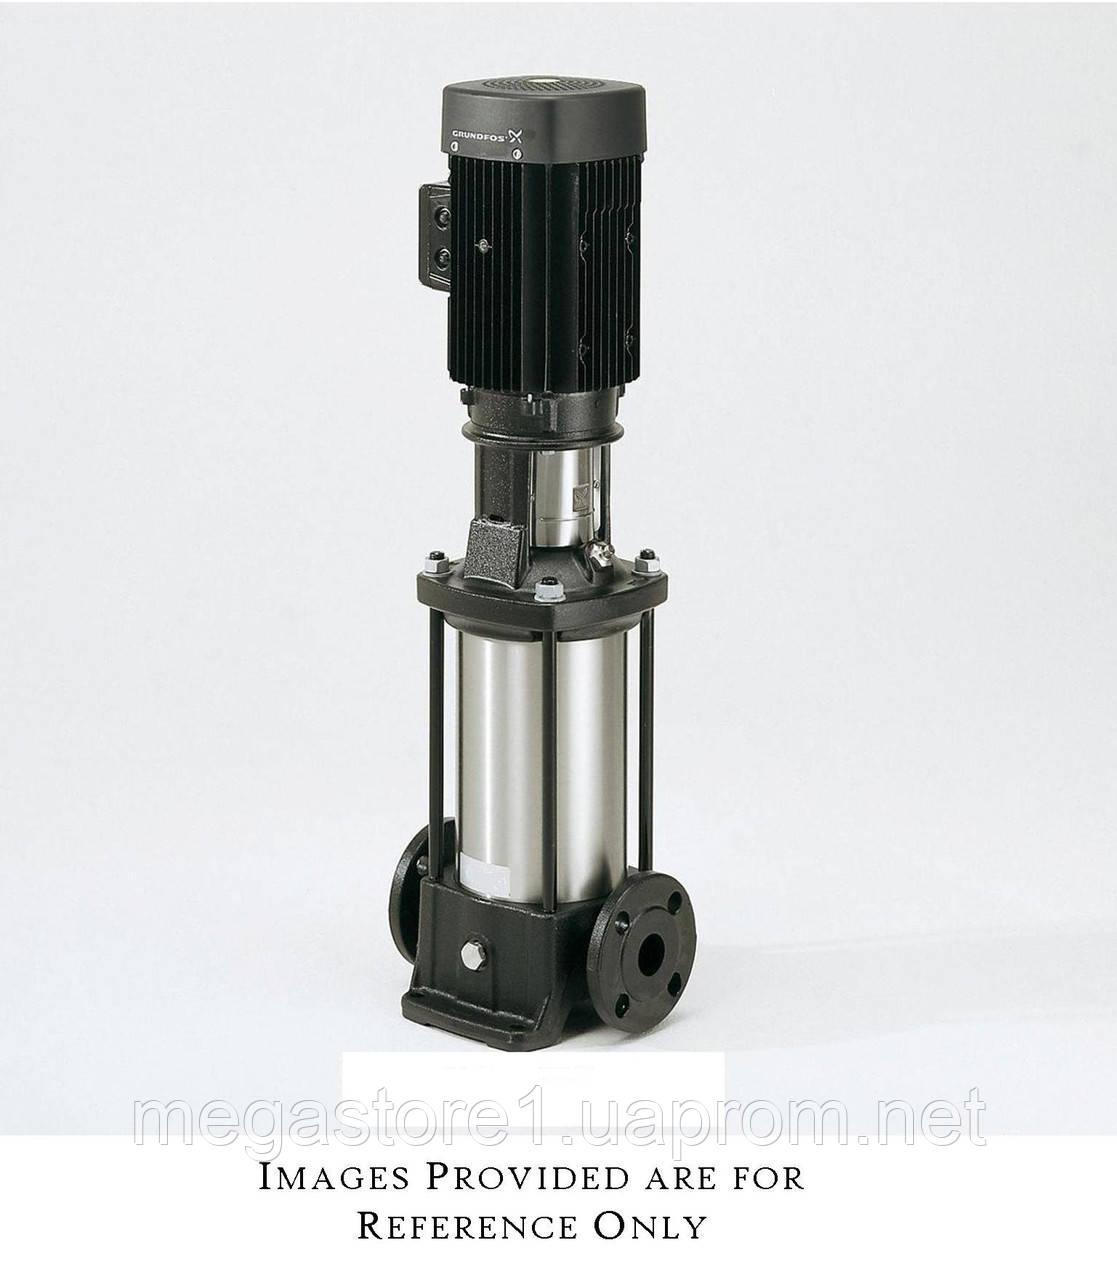 Насос Grundfos CR 1-10 вертикальный, многоступенчатый центробежный